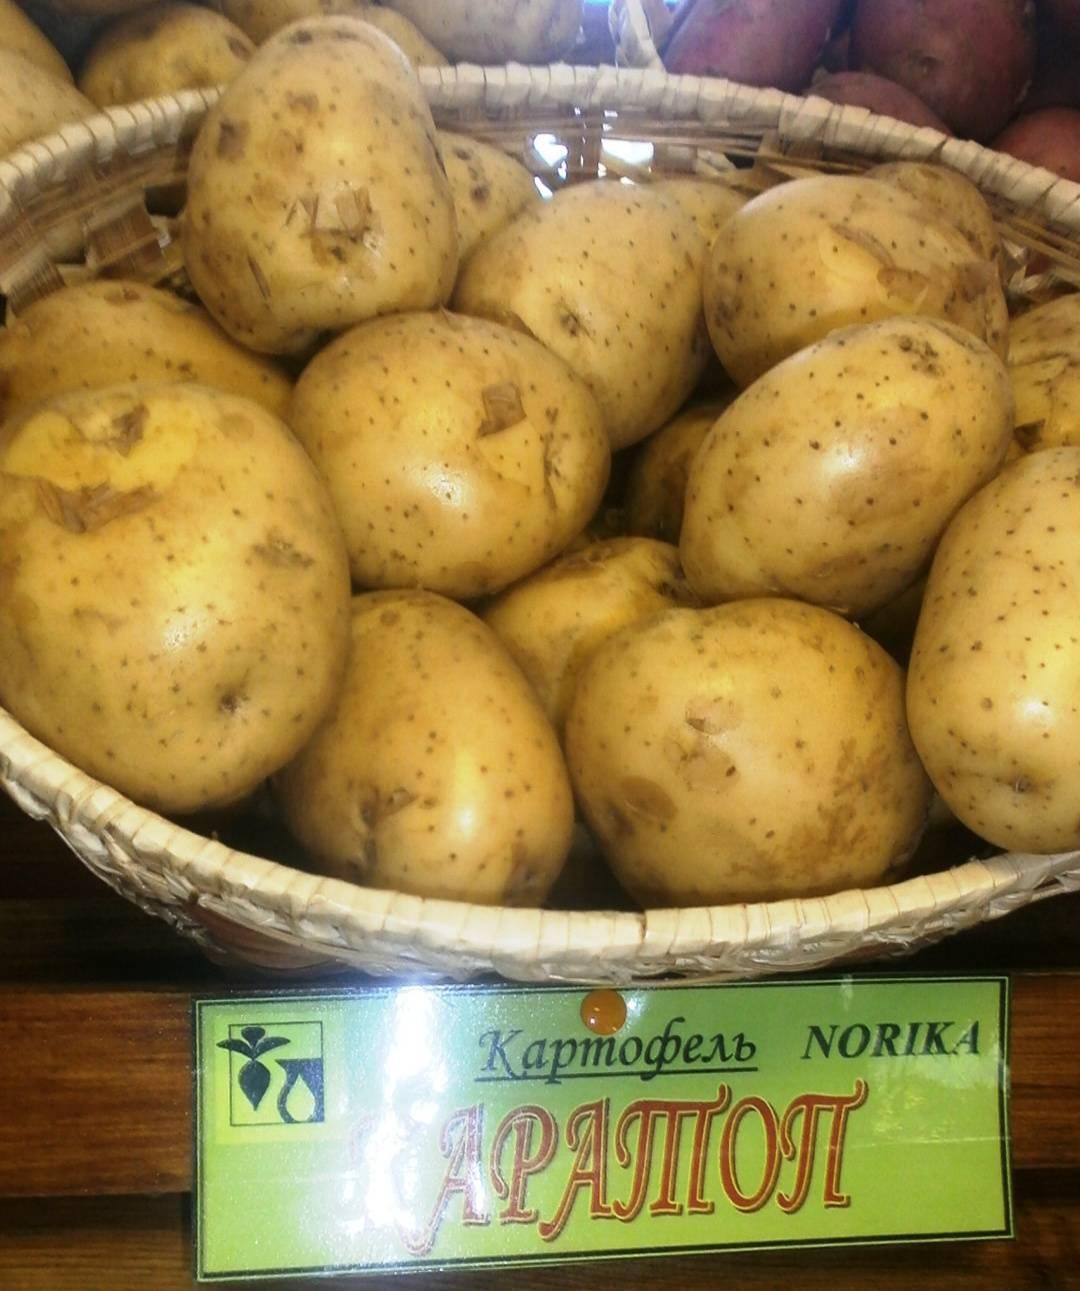 Стойкий и урожайный сорт столового картофеля «вектор» от белорусских селекционеров